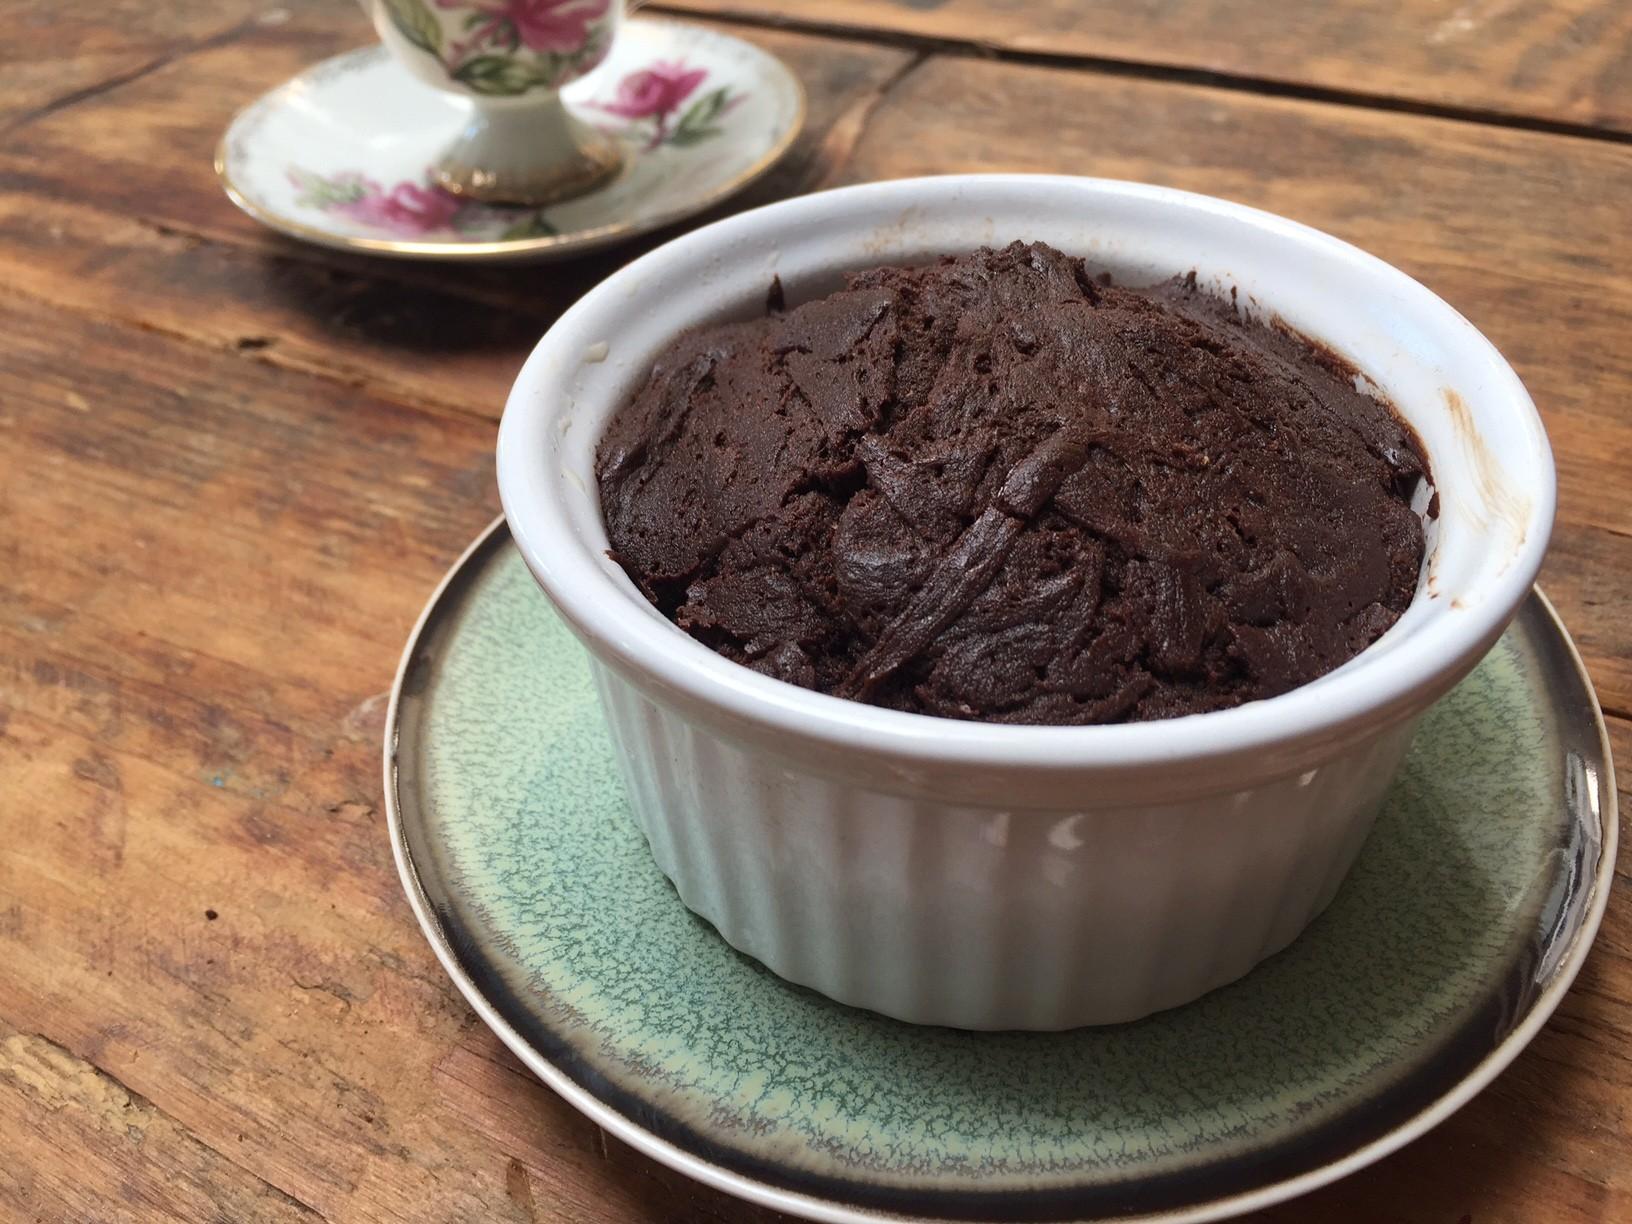 Smeuïge brownie in een cup recept van foodblog Foodinista